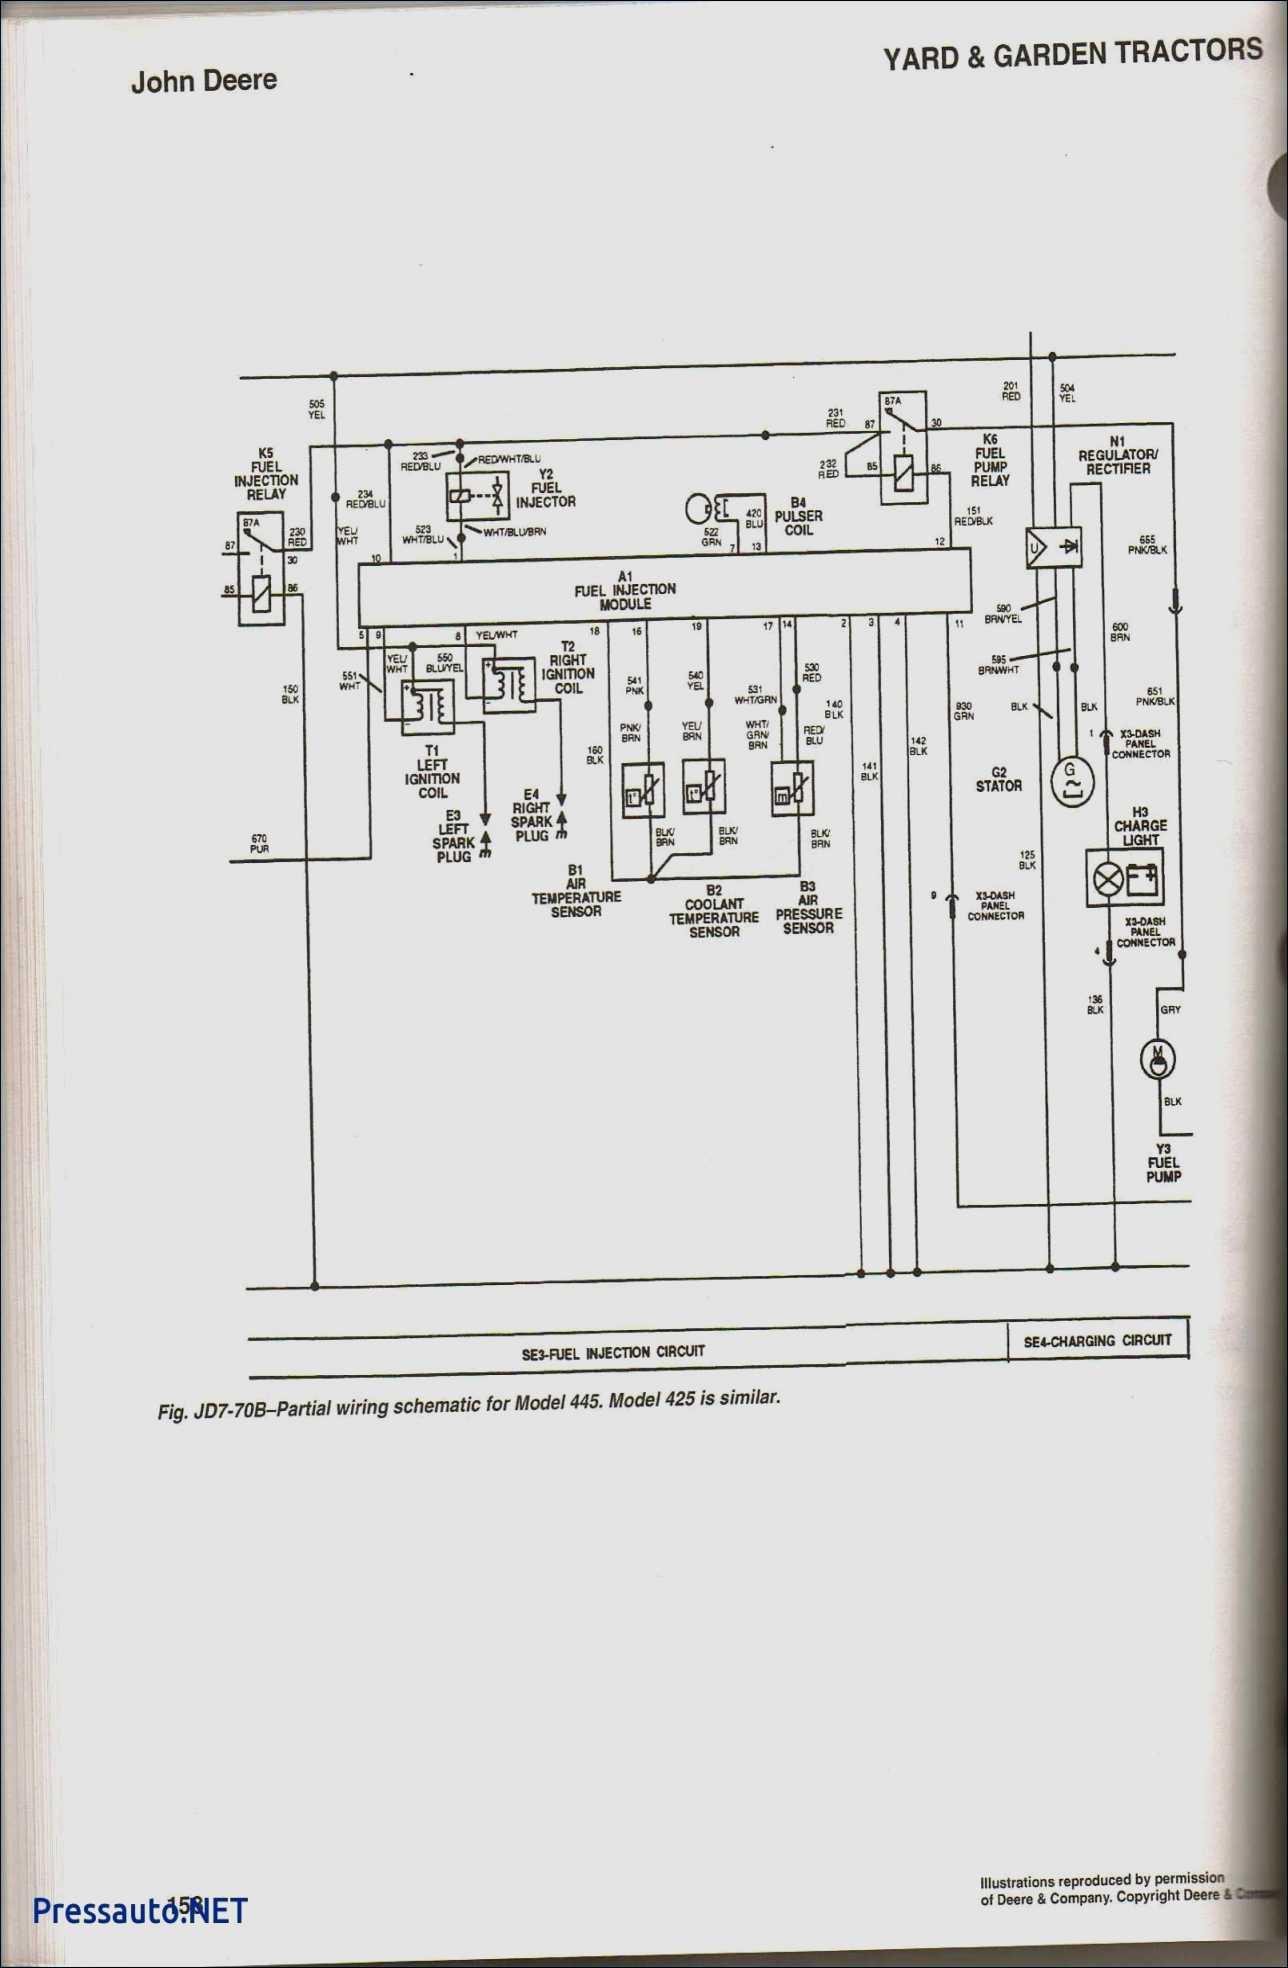 Basic Gm Alternator Wiring | Best Wiring Library - Gm 1 Wire Alternator Wiring Diagram